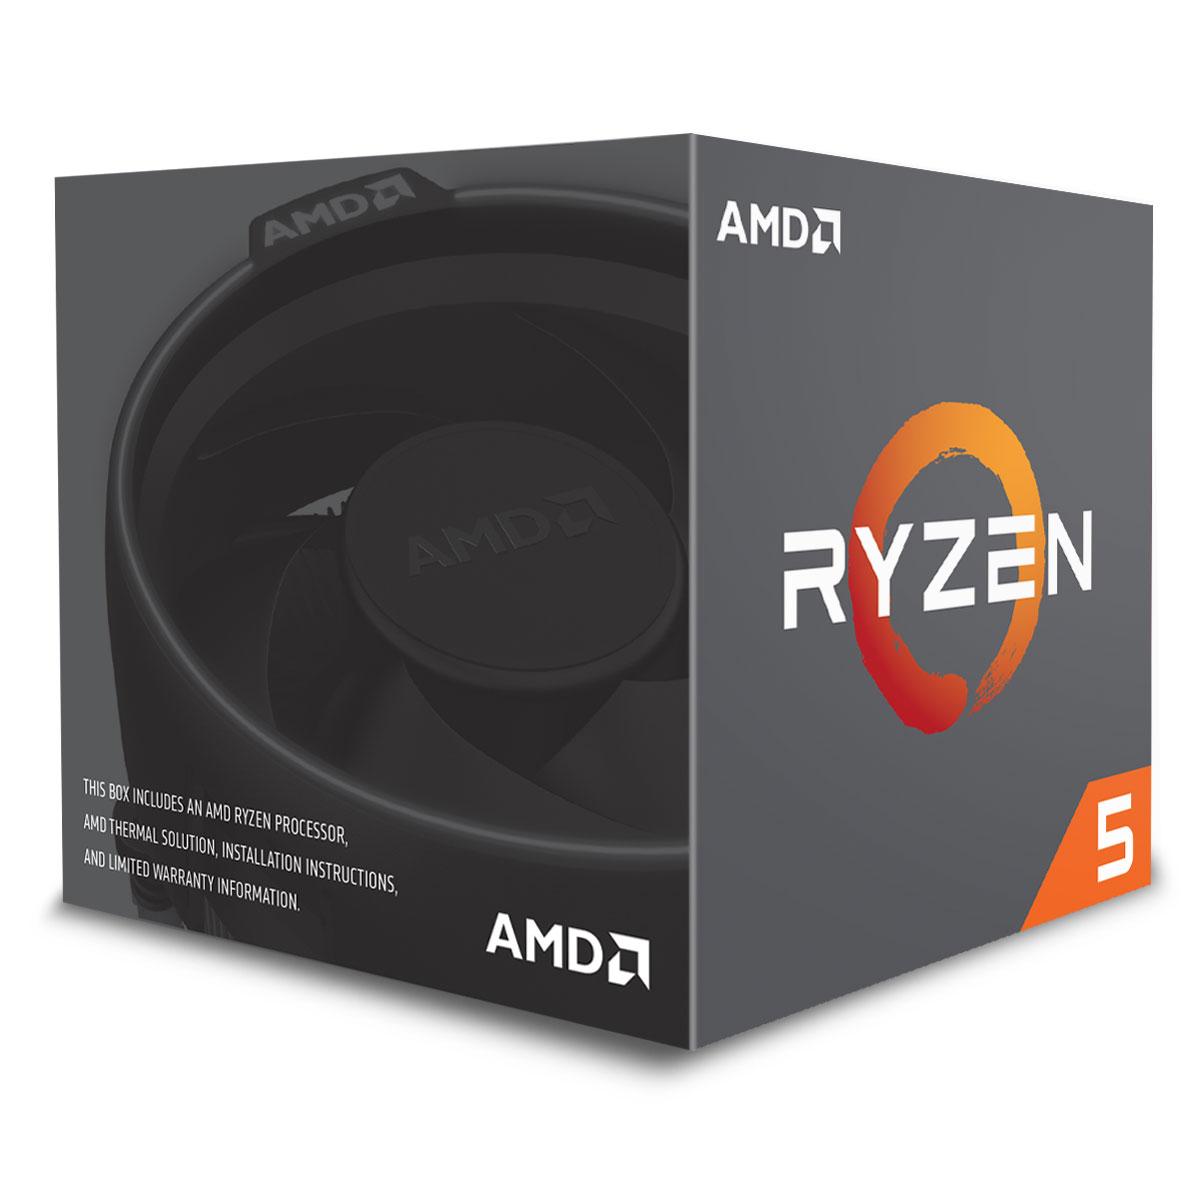 Processeur AMD Ryzen 5 2600 Wraith Stealth Edition (3.4 GHz) avec mise à jour BIOS Processeur 6-Core socket AM4 Cache L3 16 Mo 0.012 micron TDP 65W avec système de refroidissement (version boîte - garantie constructeur 3 ans)